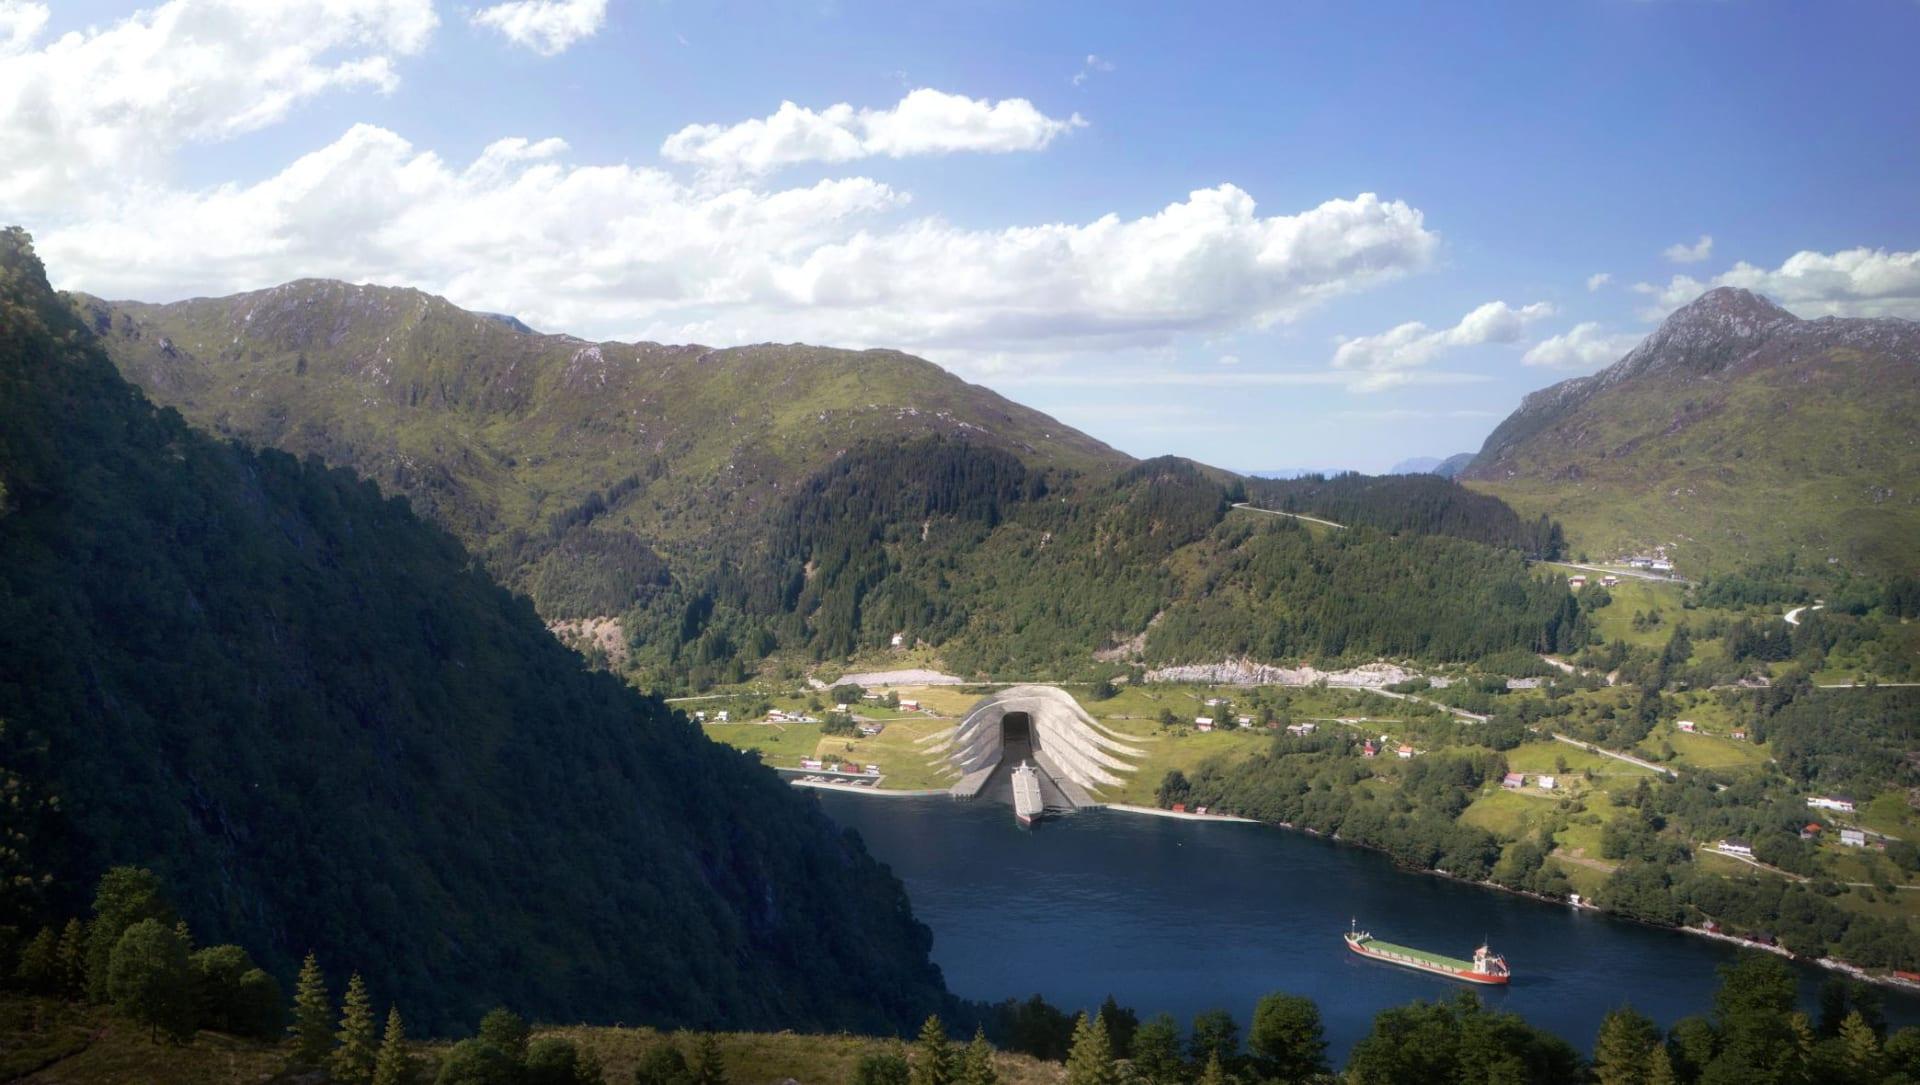 تحت الجبال ..النرويج تبني أول نفق للسفن في العالم-2